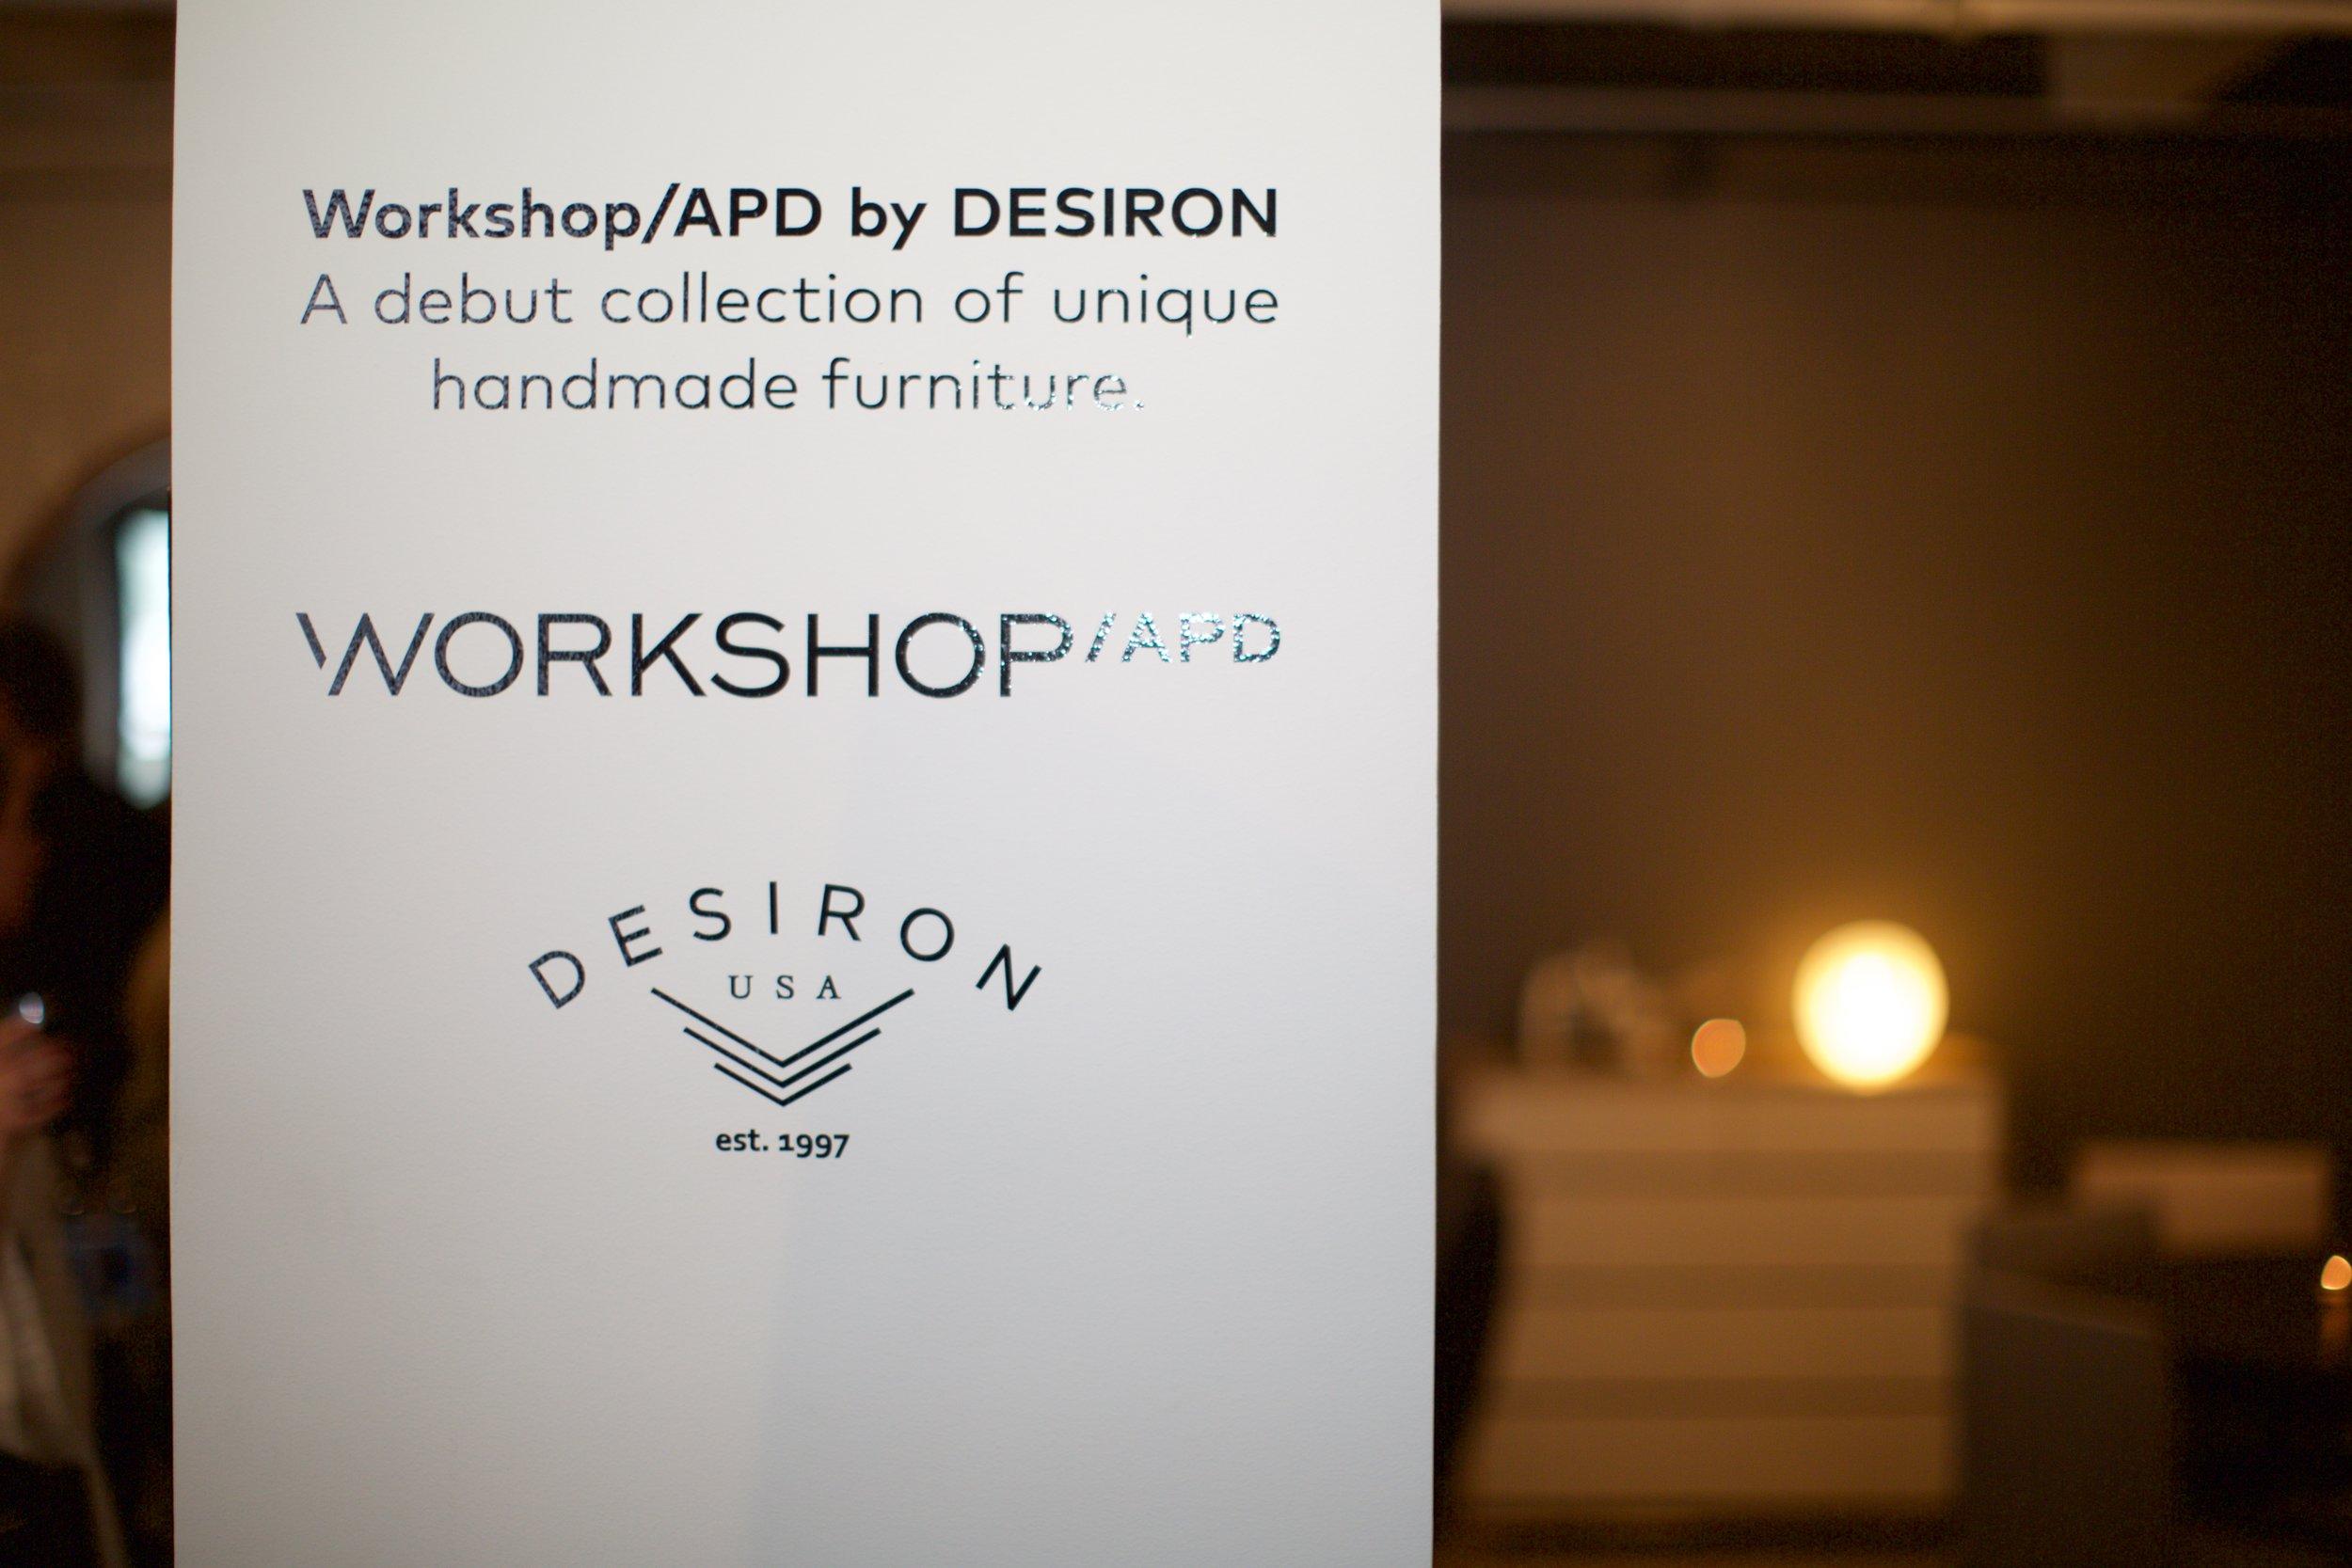 Workshop-ADP by Desiron - May 23, 2017  063.jpg